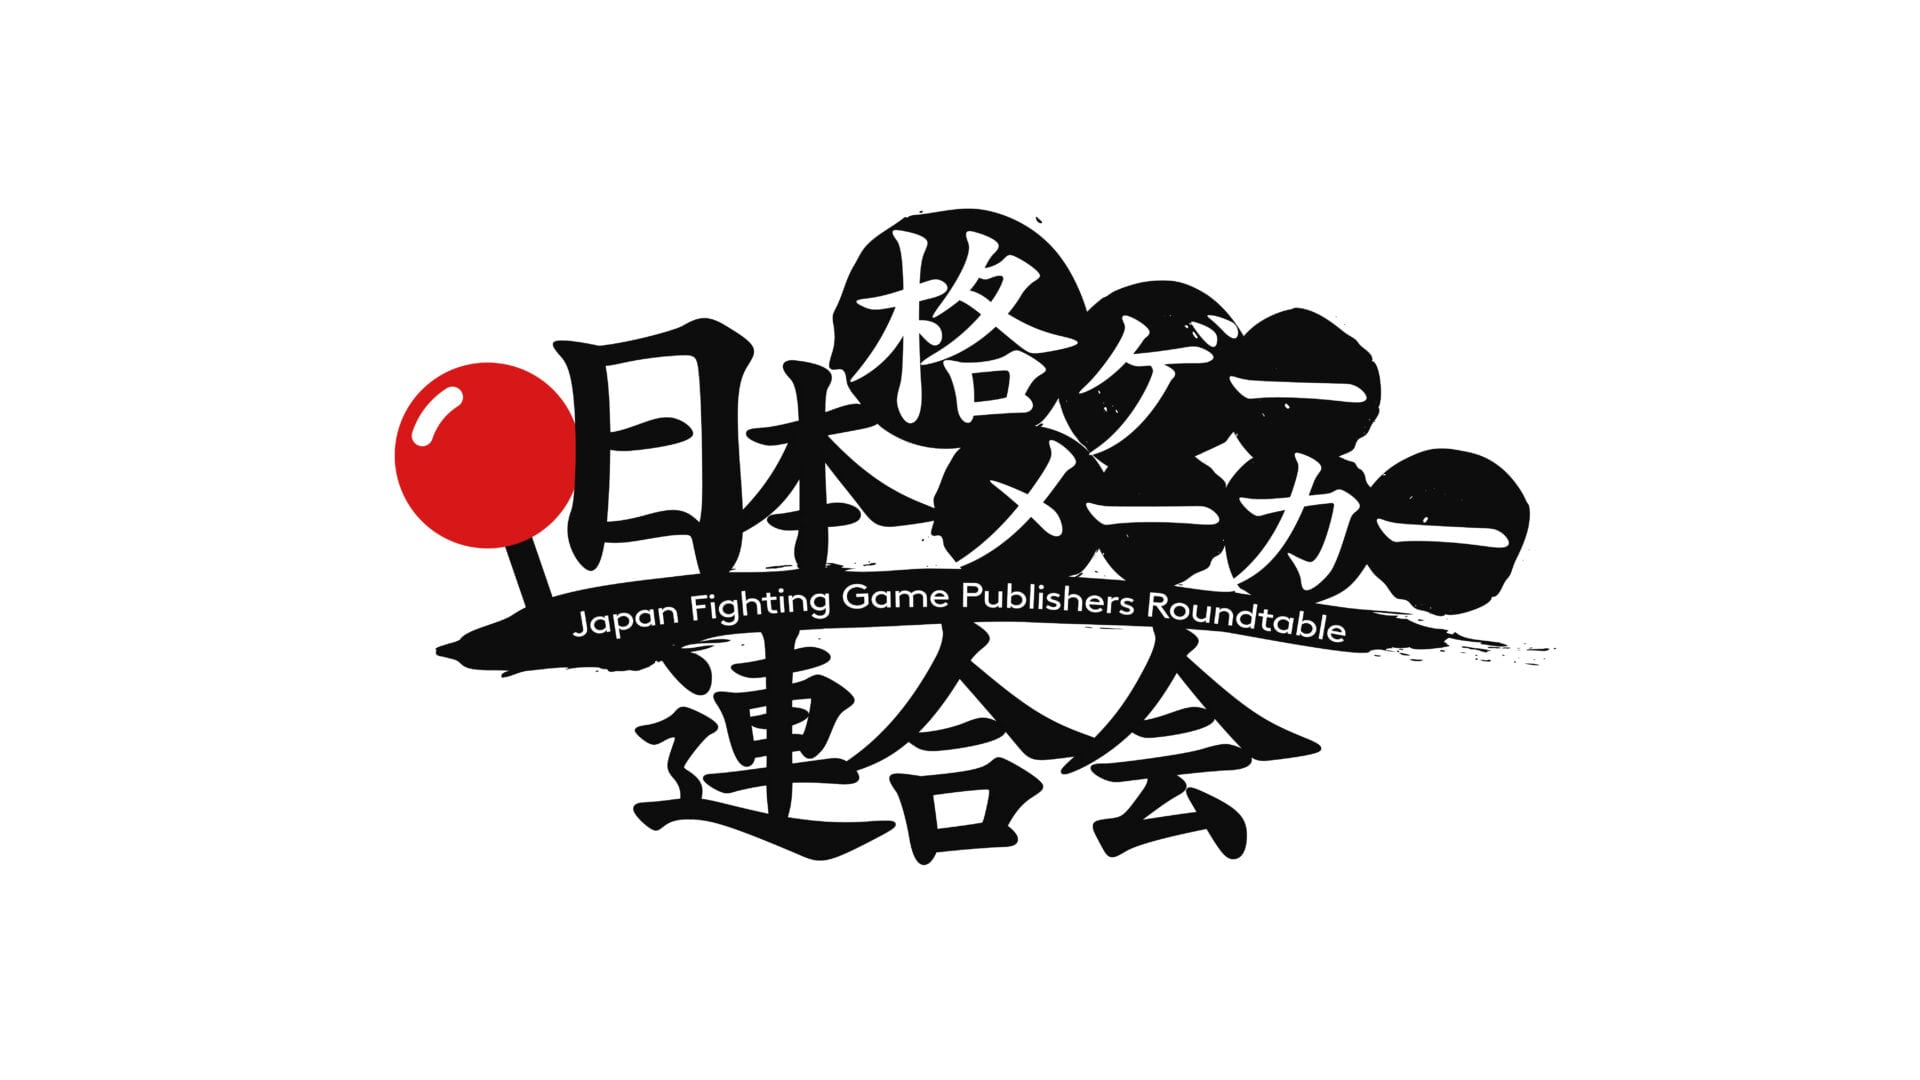 Capcom, Arc System Works, SNK, Bandai Namco, Koei Tecmo